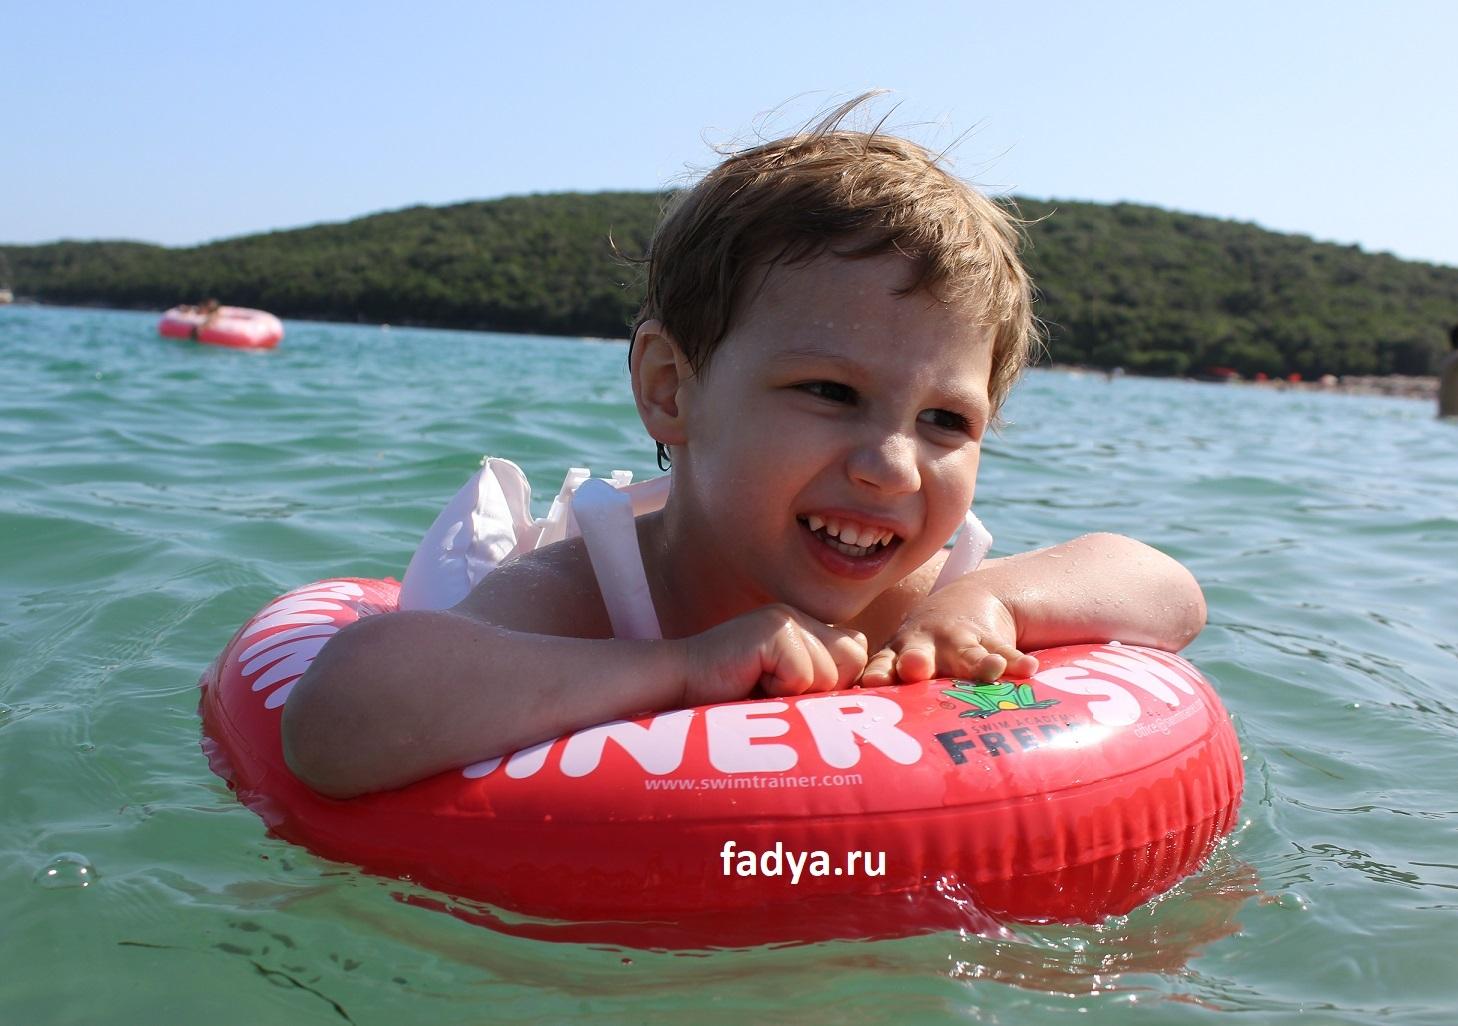 Надувной круг SWIMTRAINER - как научить ребенка плавать самостоятельно